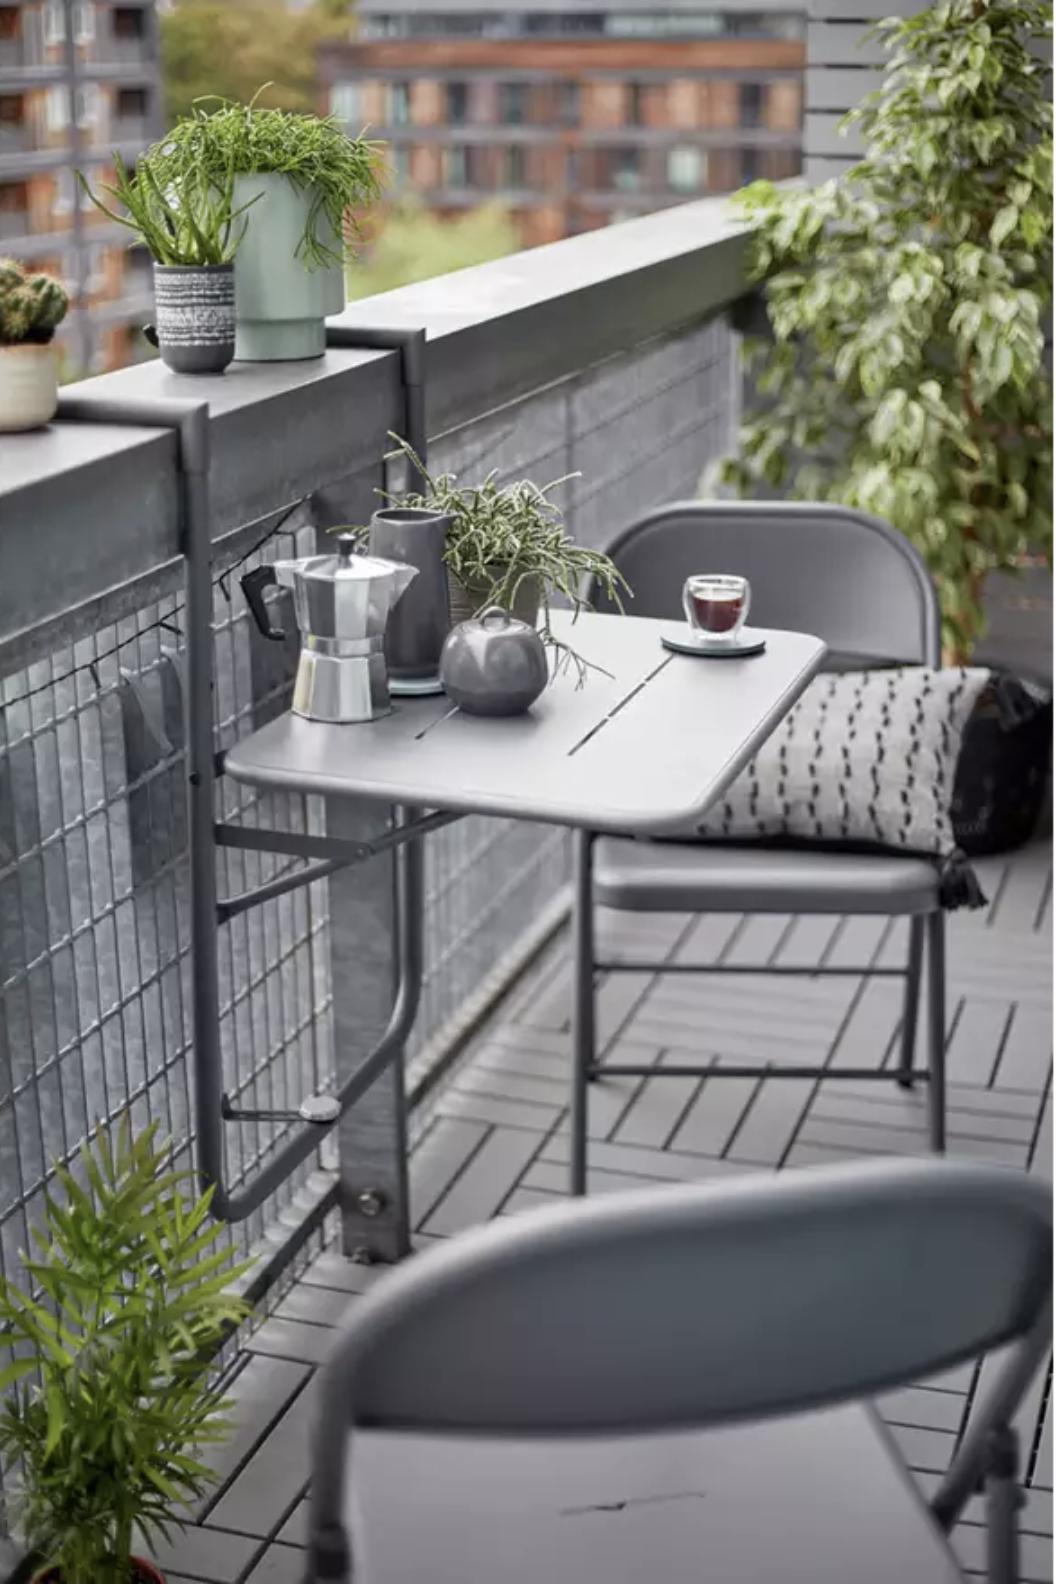 Small garden? This new Argos garden furniture was made for ...